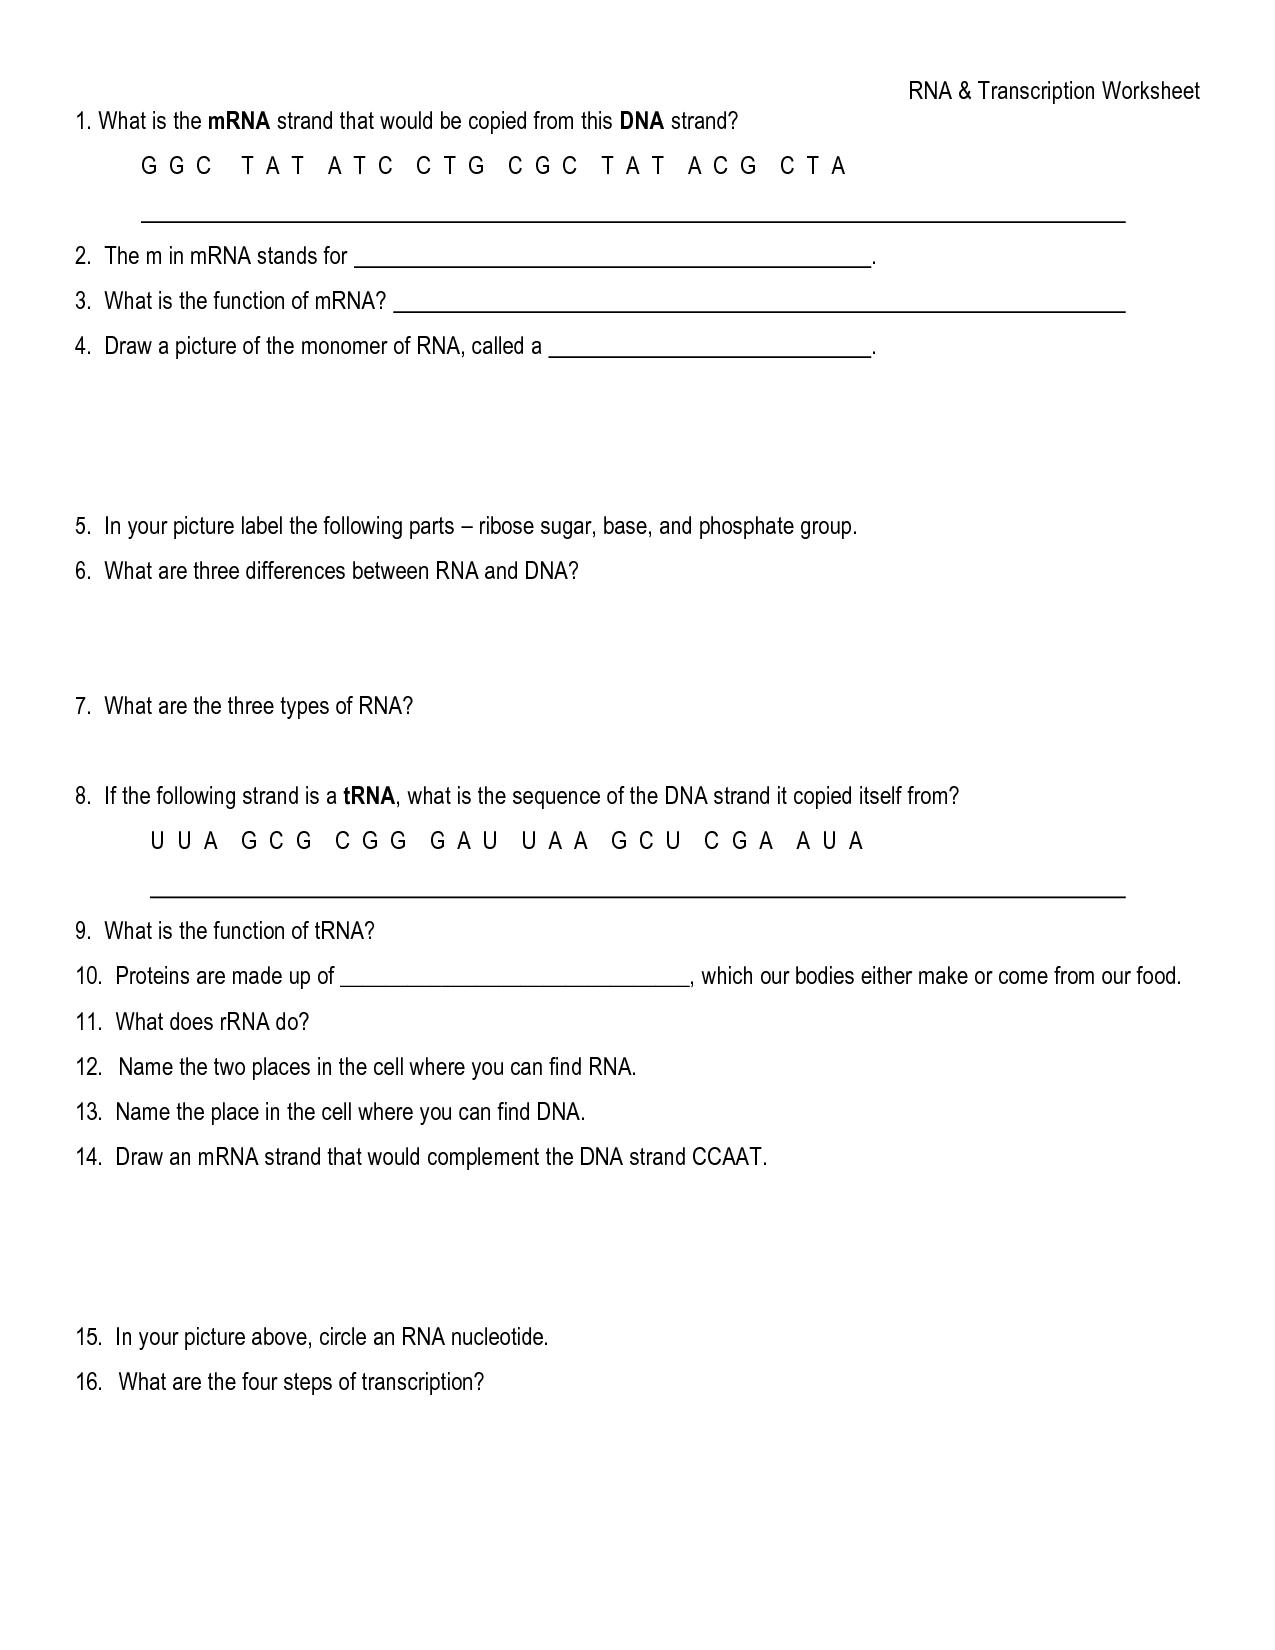 19 Best Images Of Dna Transcription Worksheet Dna